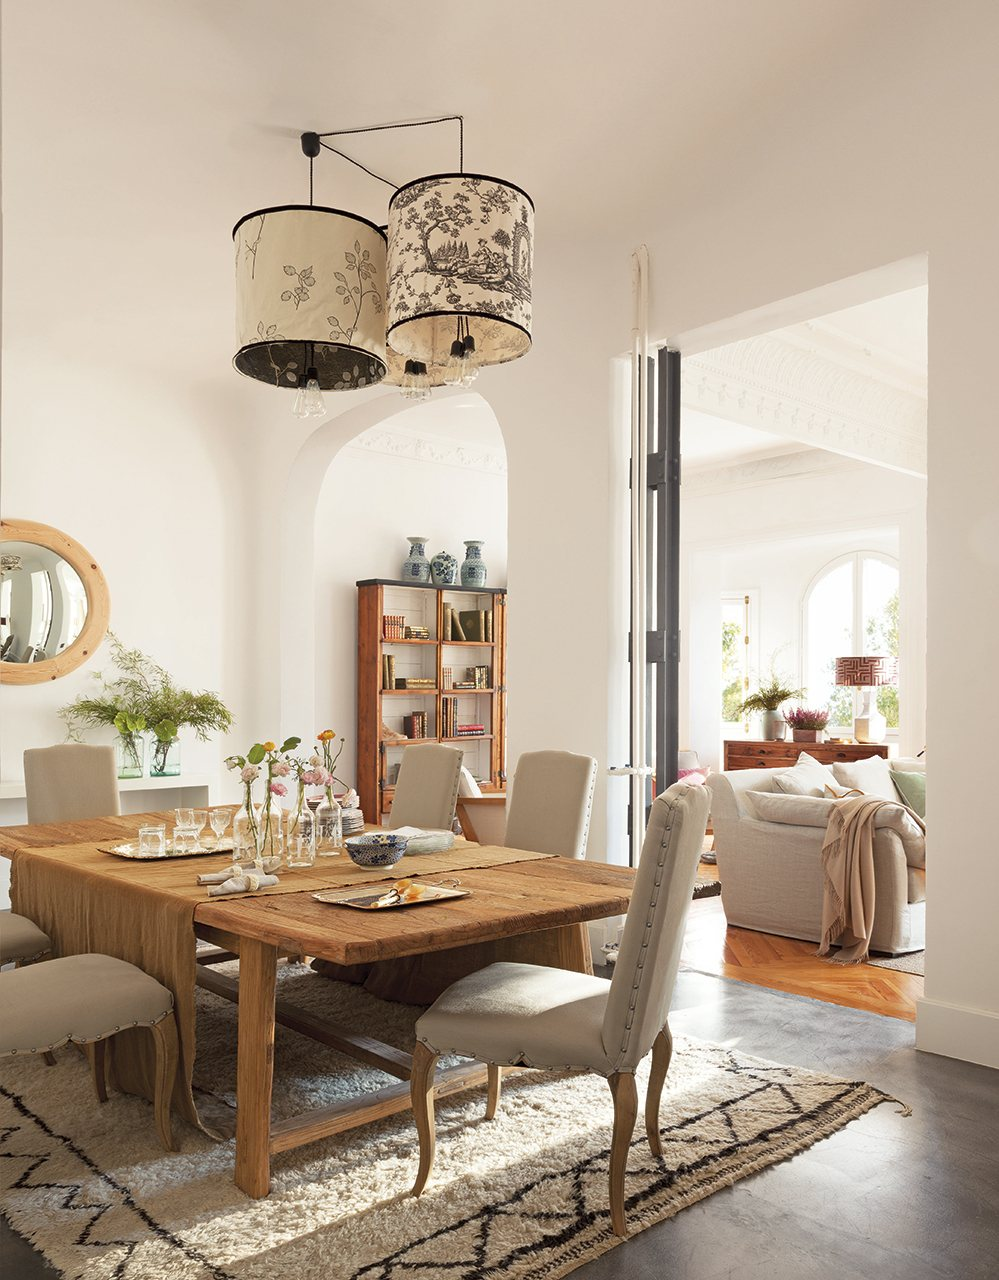 Sal n en madera y blanco - Lampara mesa comedor ...